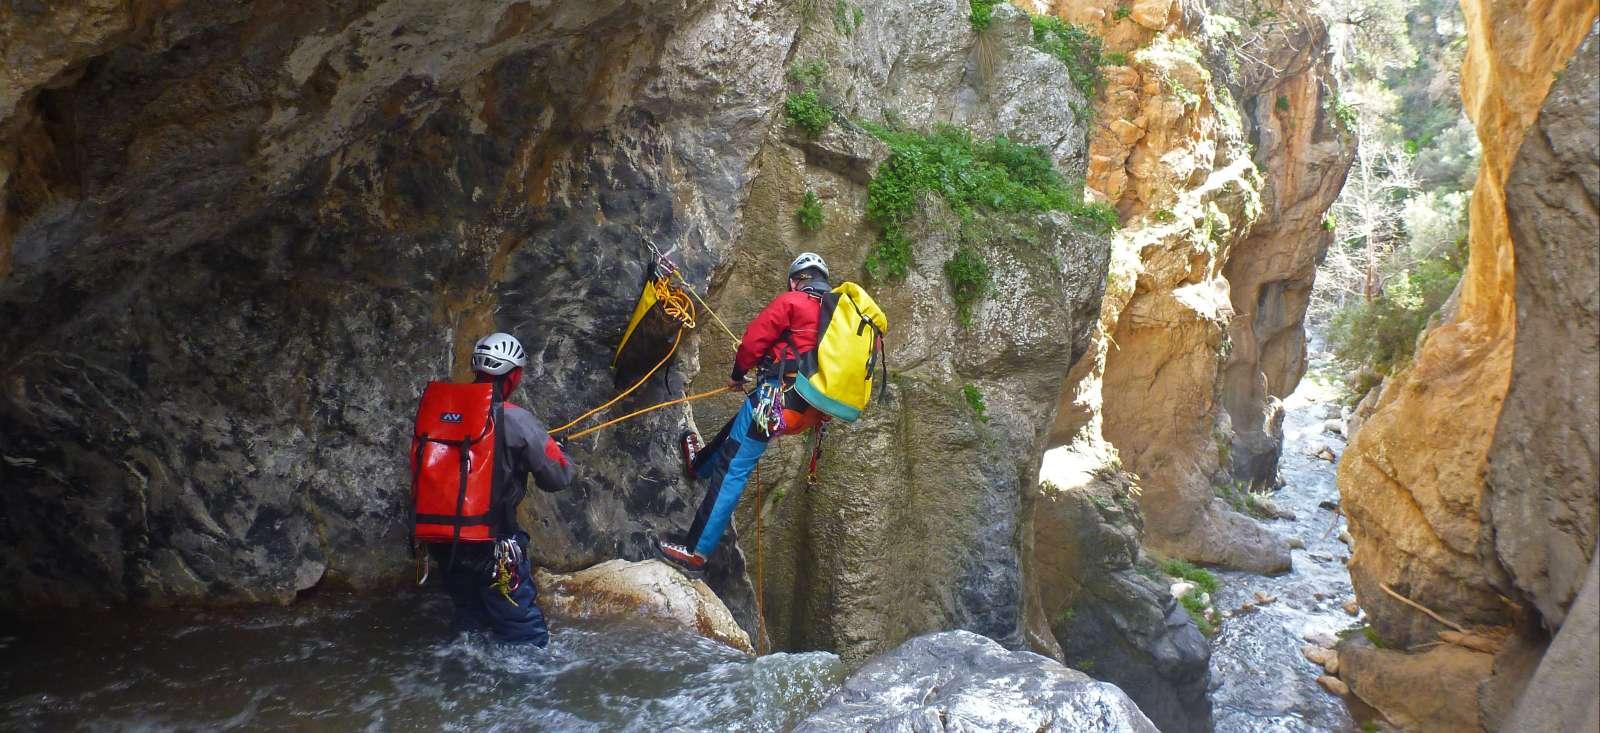 Voyage sur l'eau : Canyoning insolite en Crète